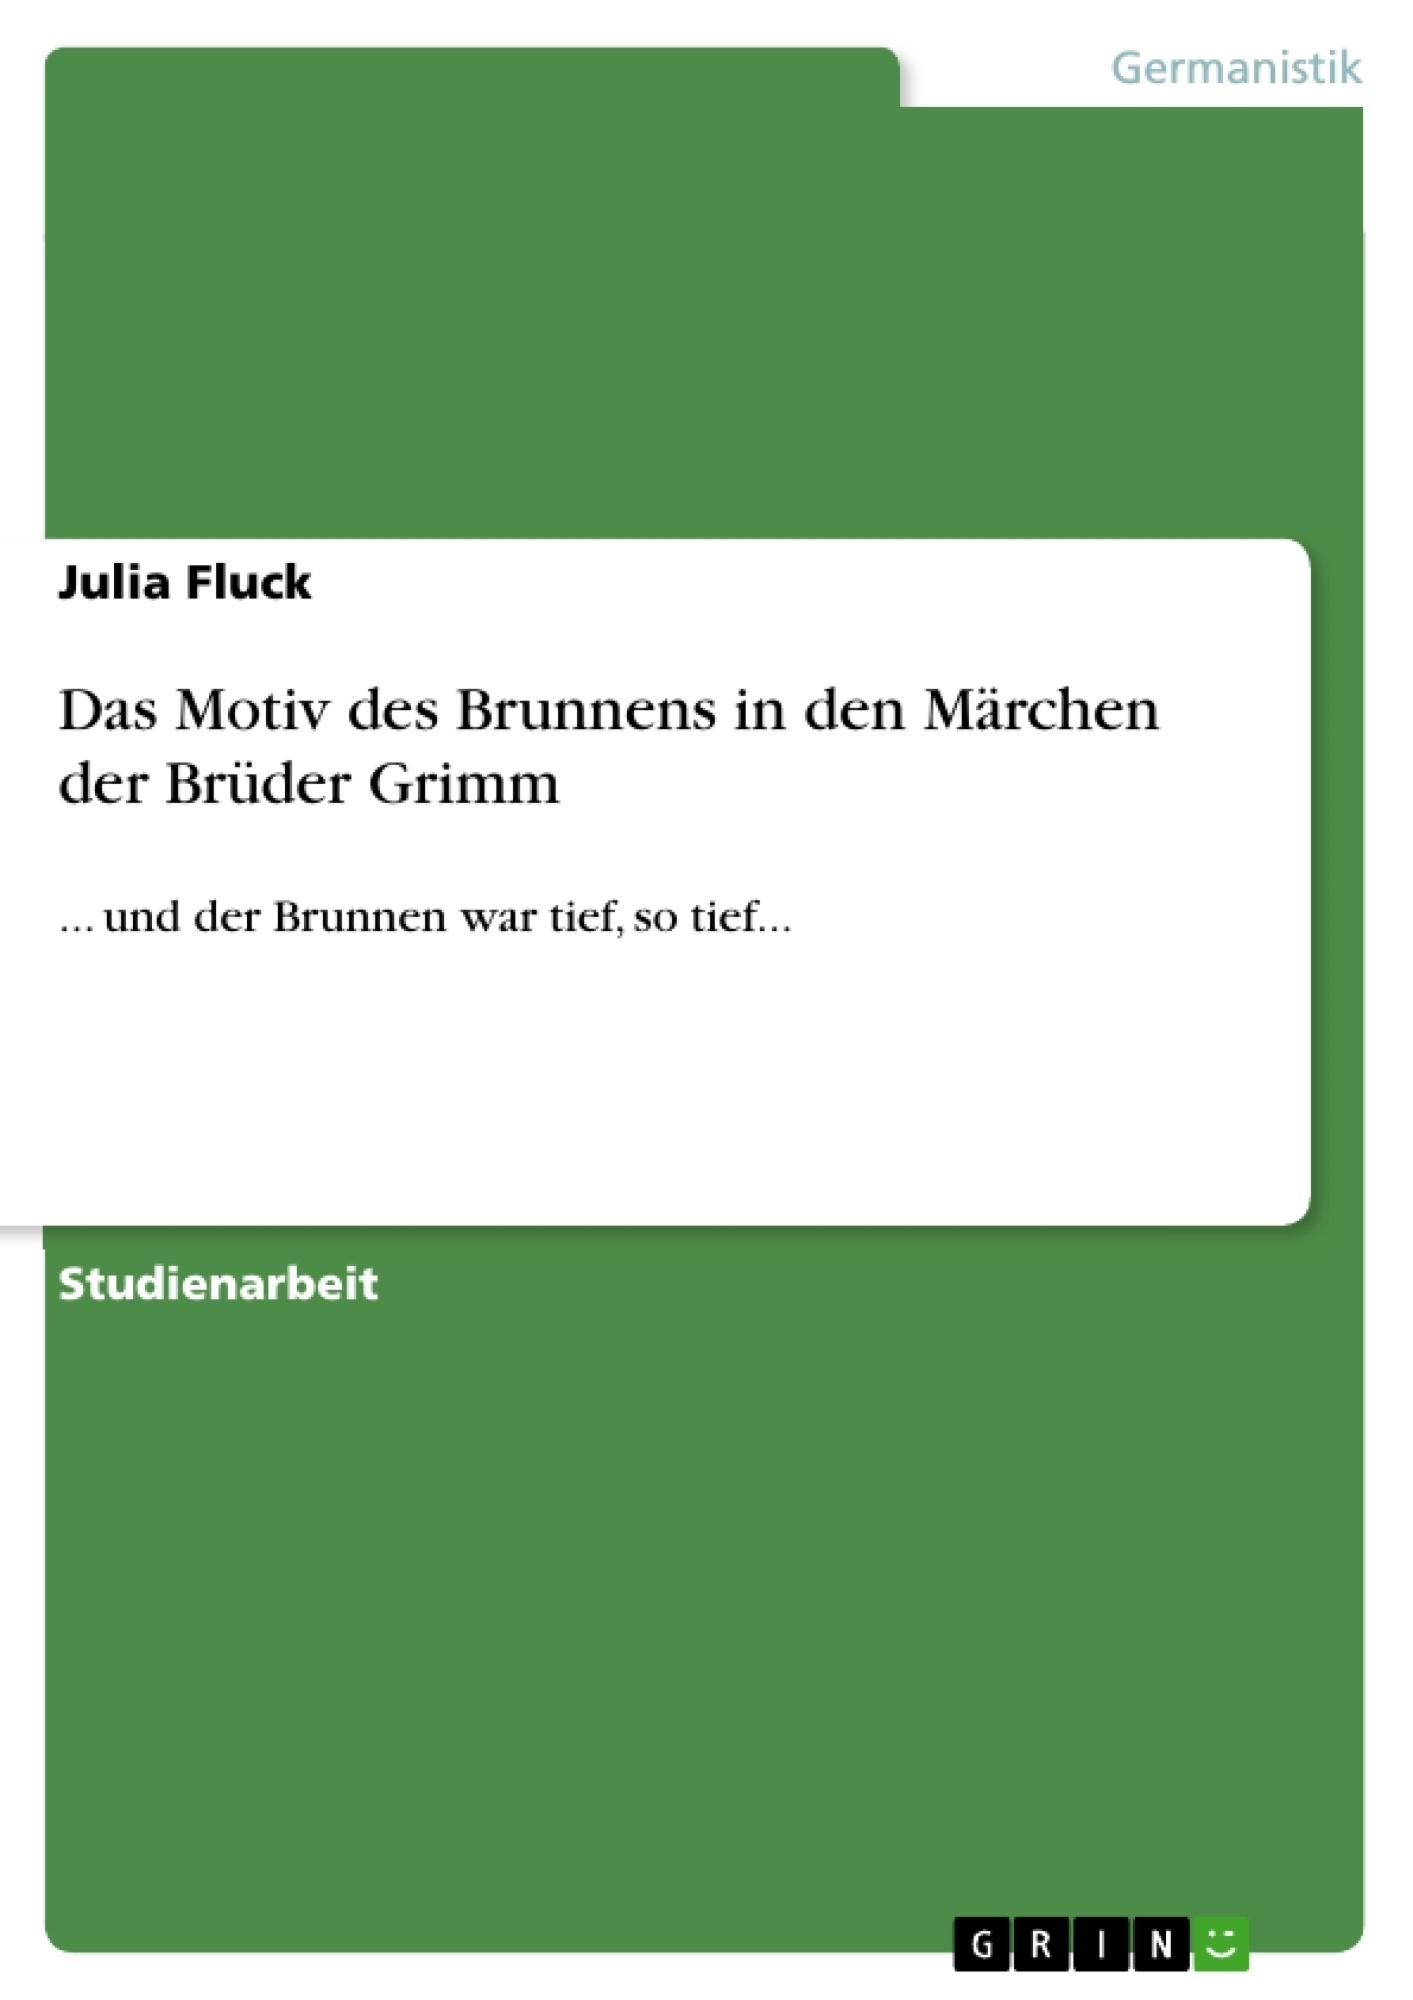 Titel: Das Motiv des Brunnens in den Märchen der Brüder Grimm